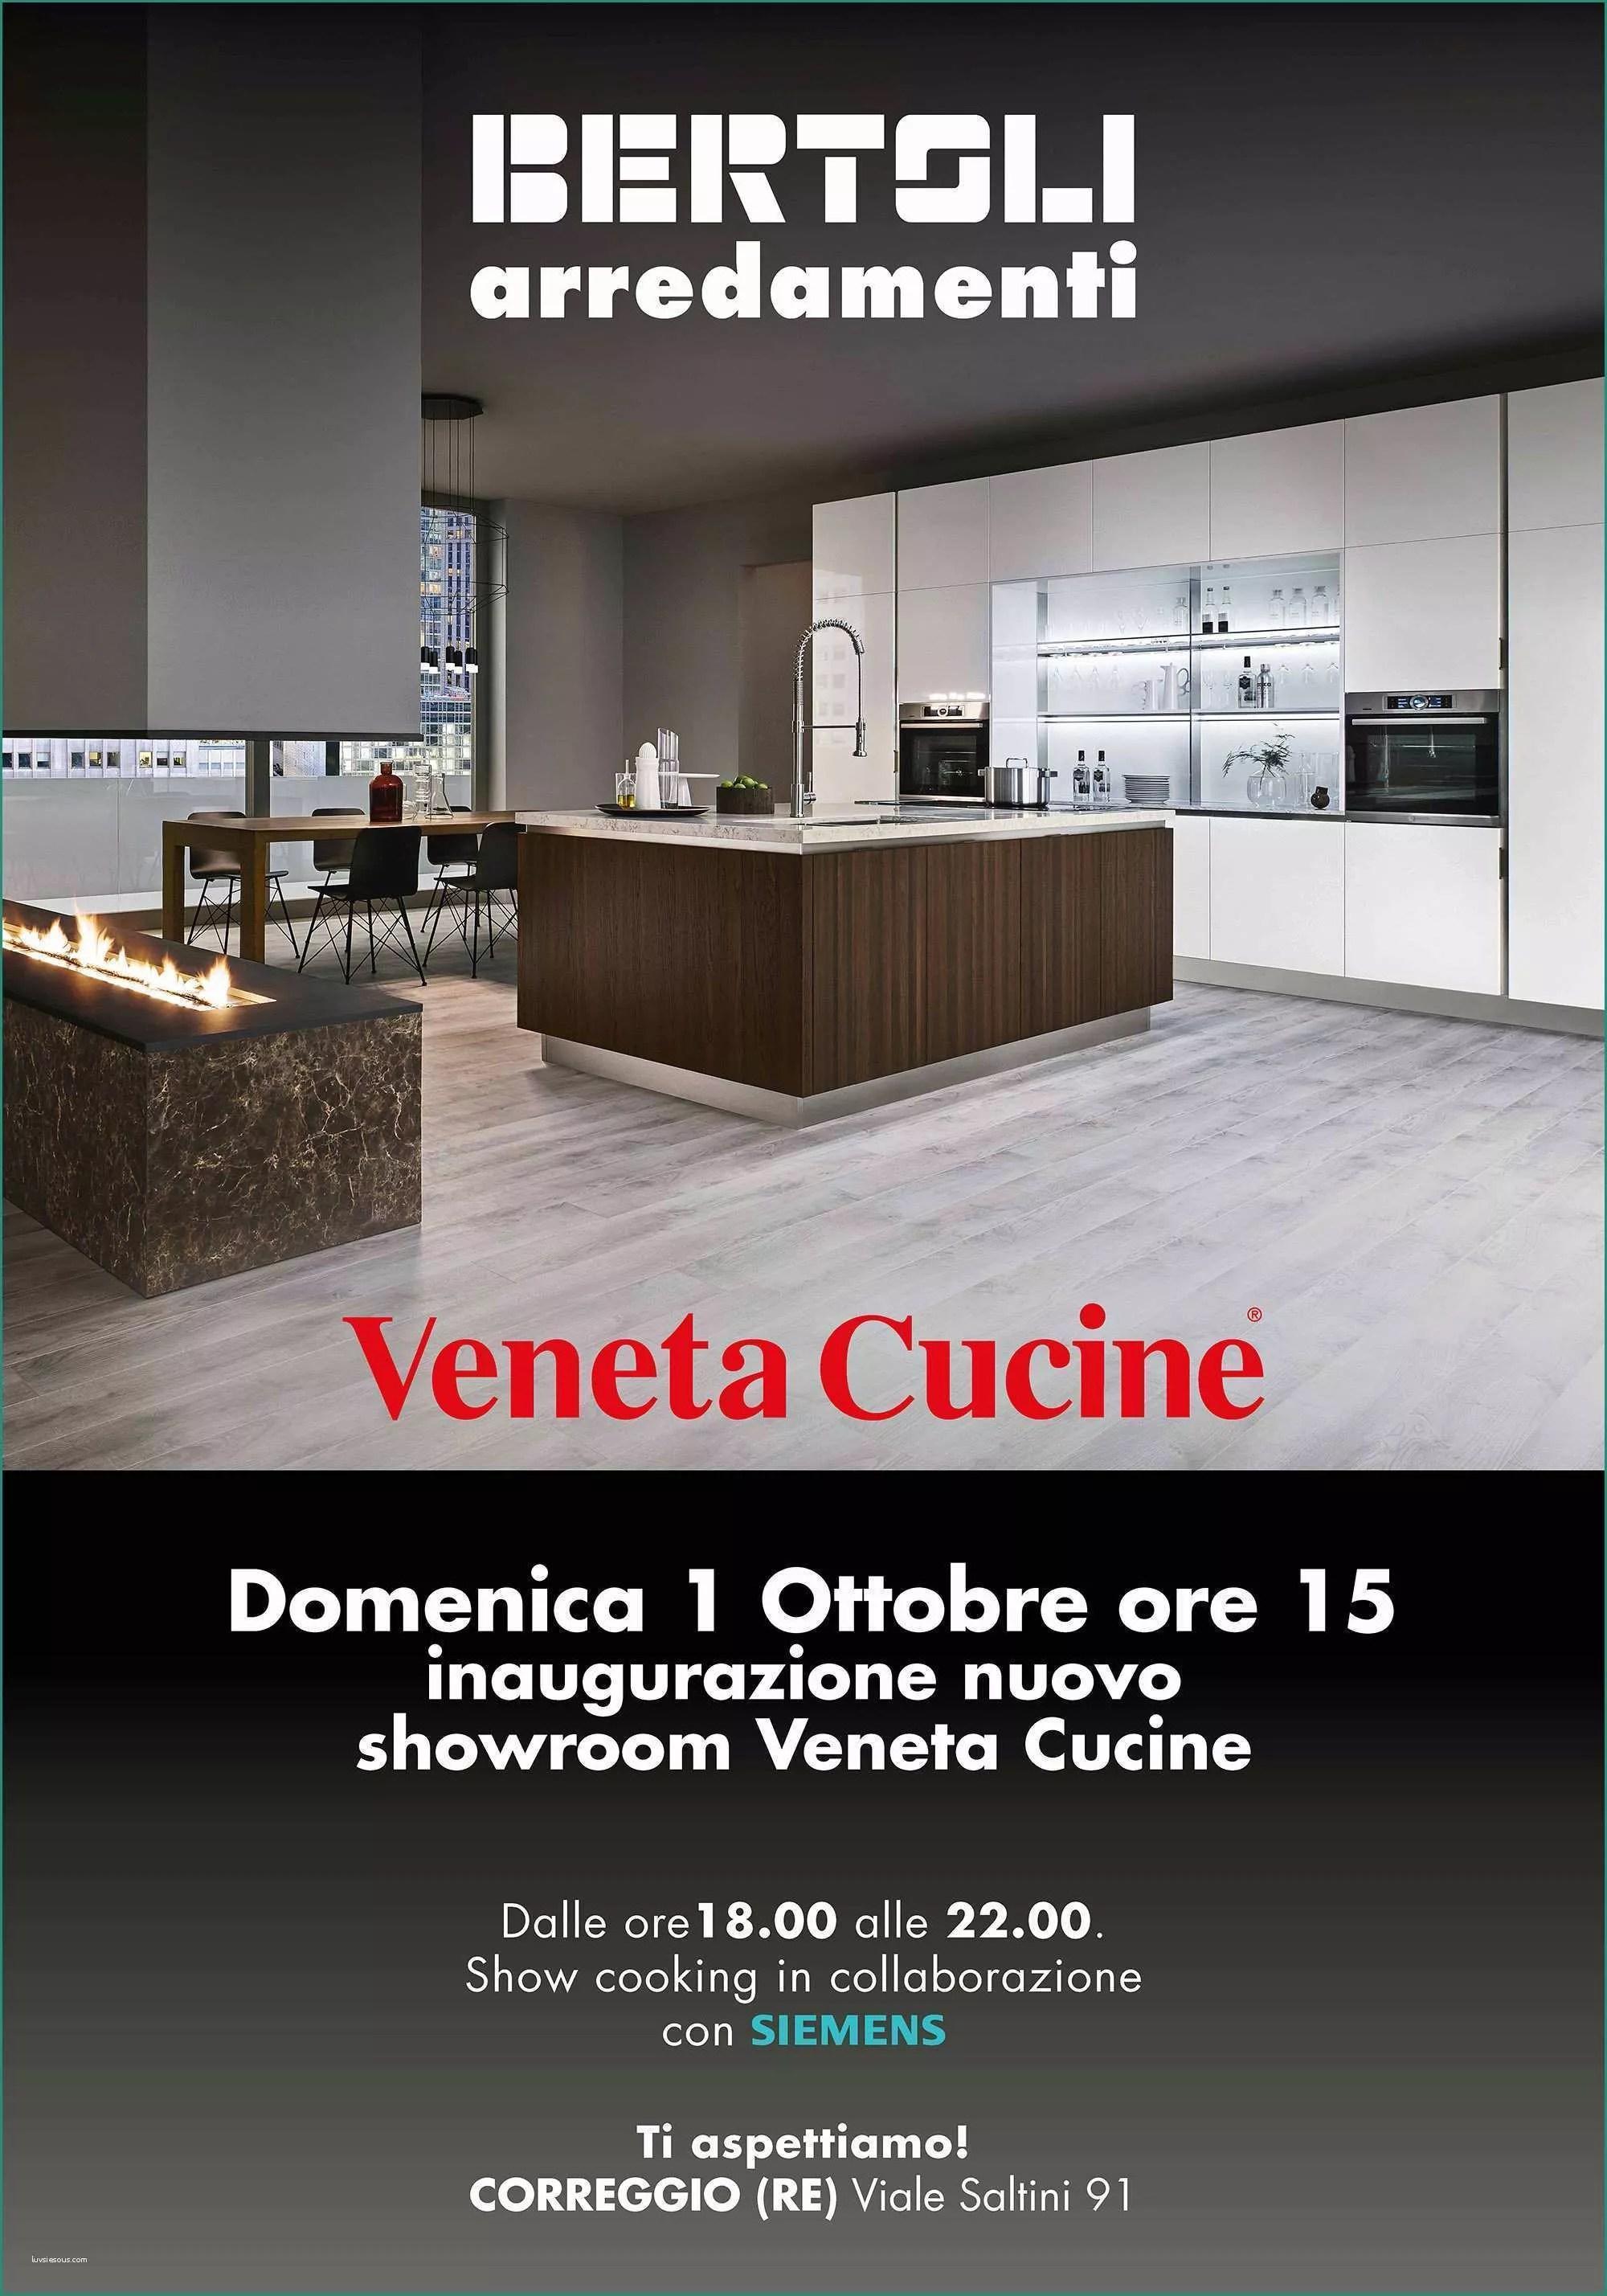 Outlet Arredamento Castegnato.Outlet Arredamento Via Collatina Roma